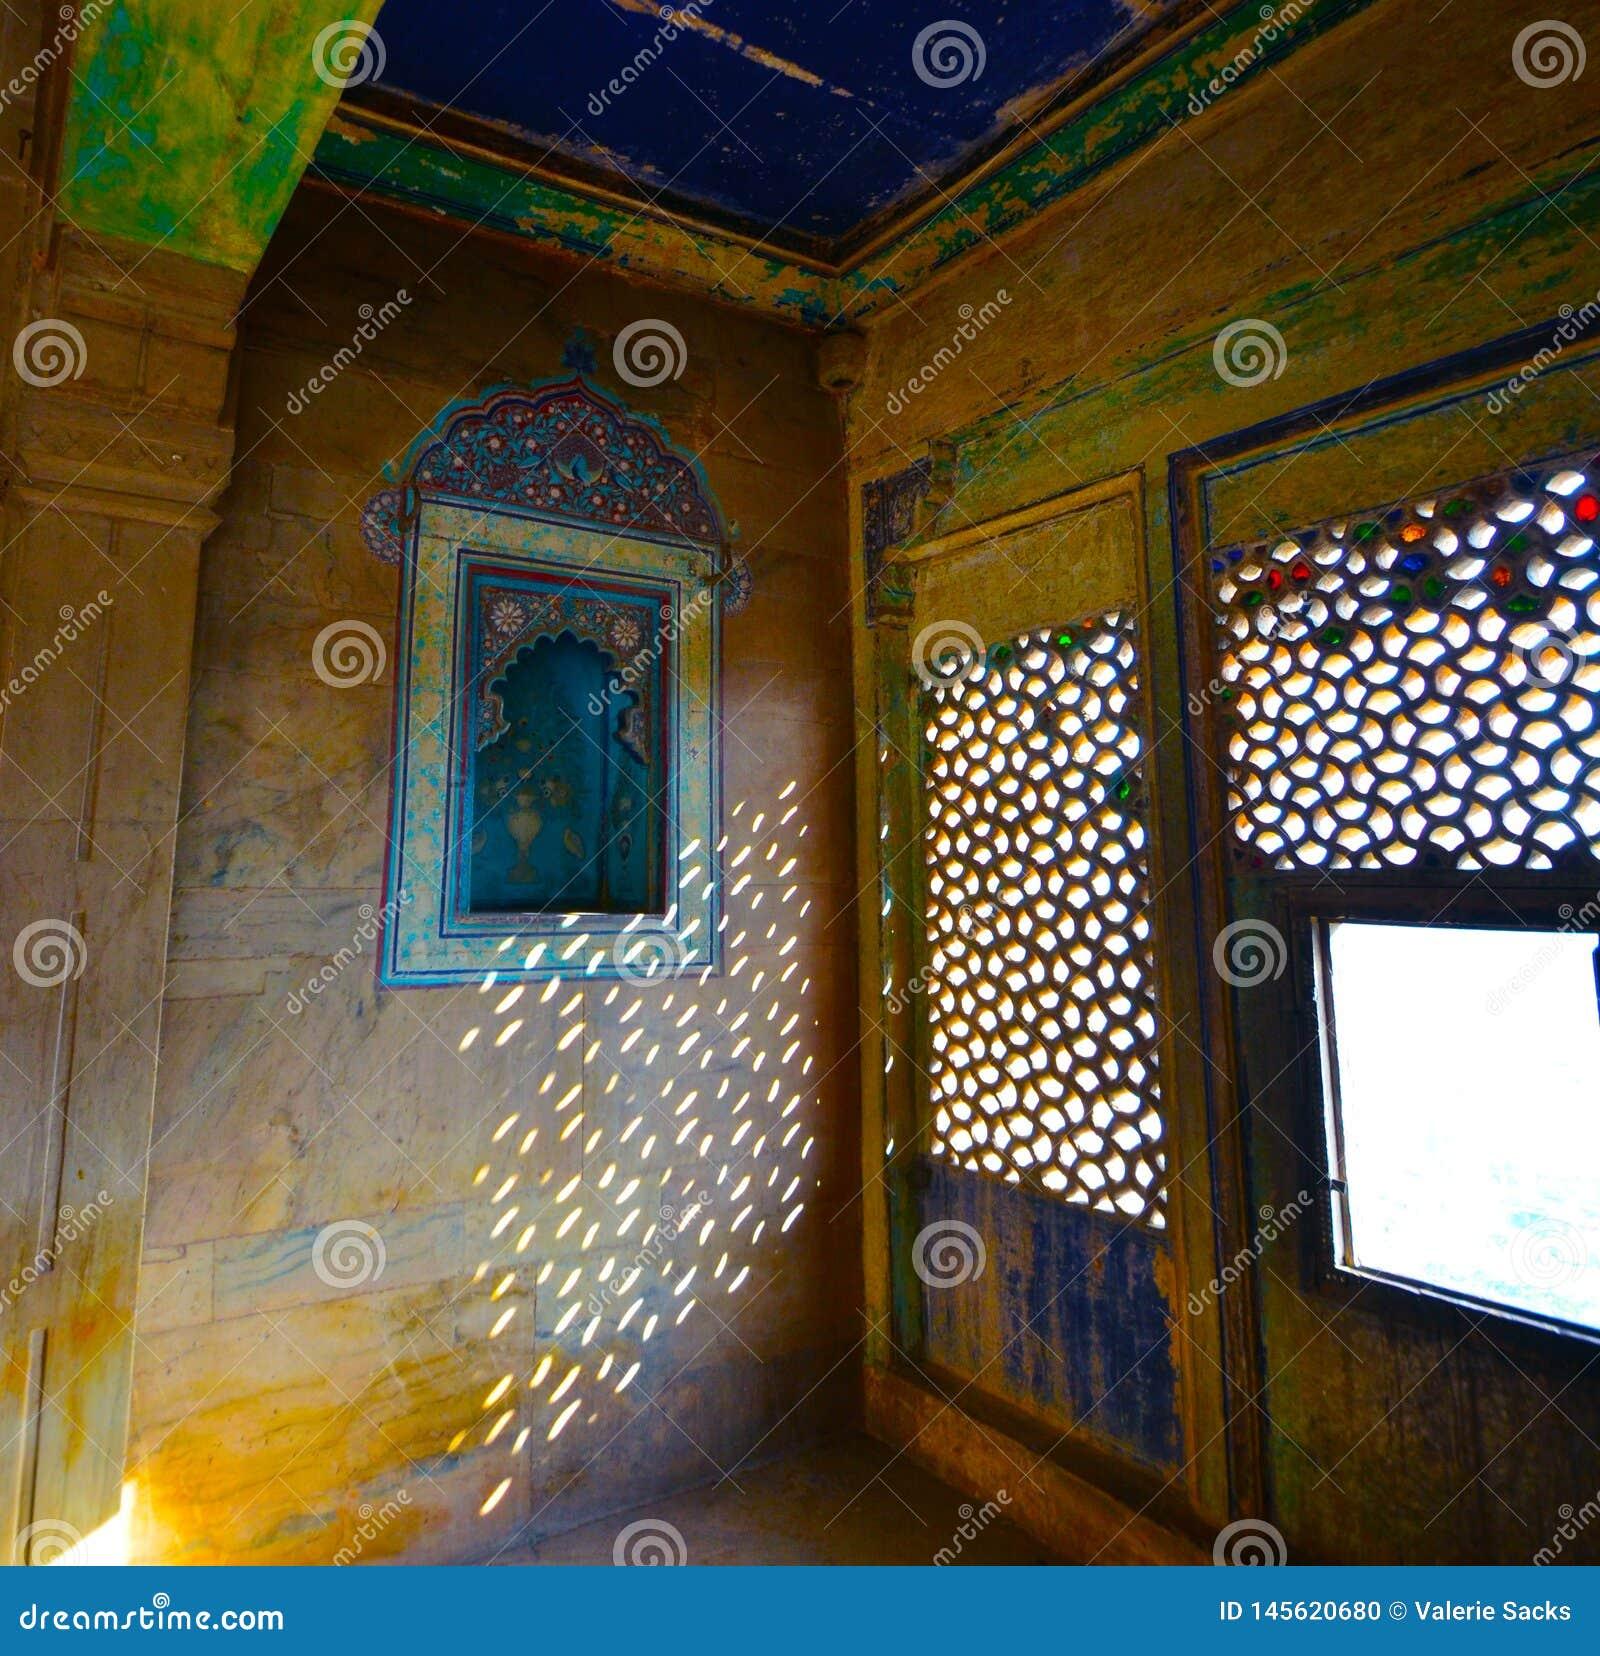 Découpages complexes, tuiles, mosaïques, et découpages en filigrane de fenêtre dans le palais de Bundi